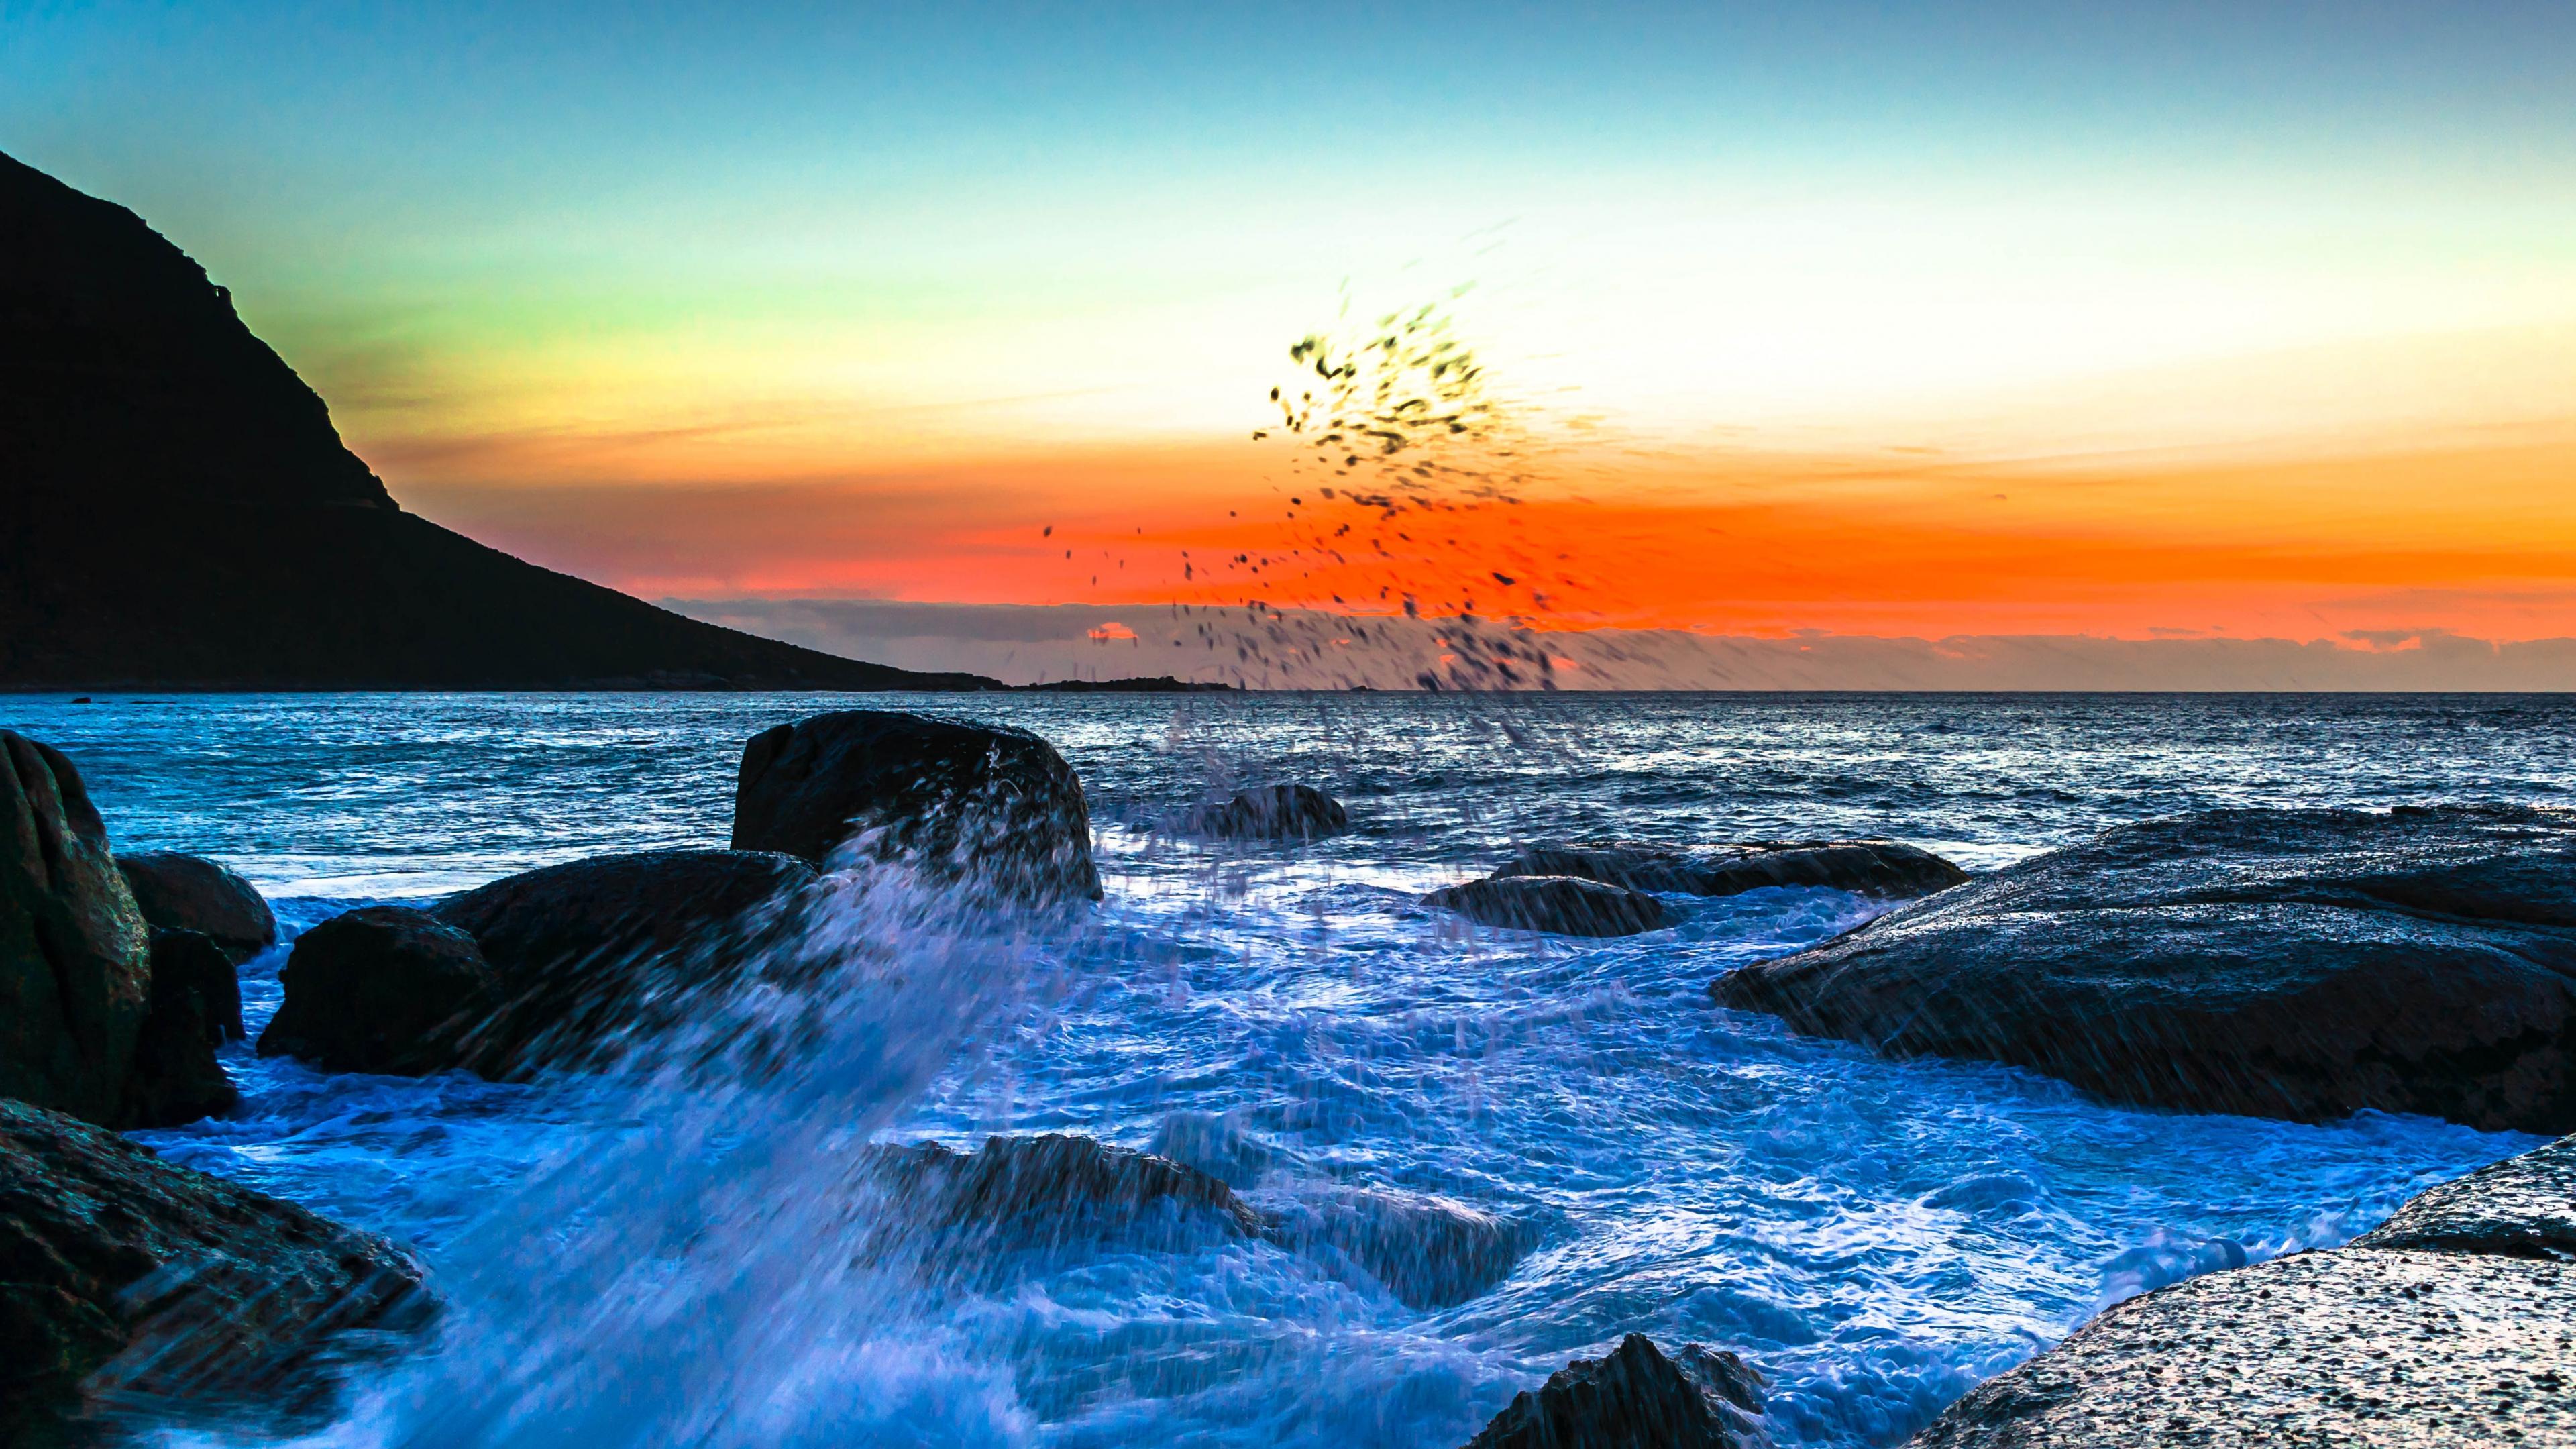 Ocean 4k Ultra Hd Wallpaper Background Image 3840x2160 Id